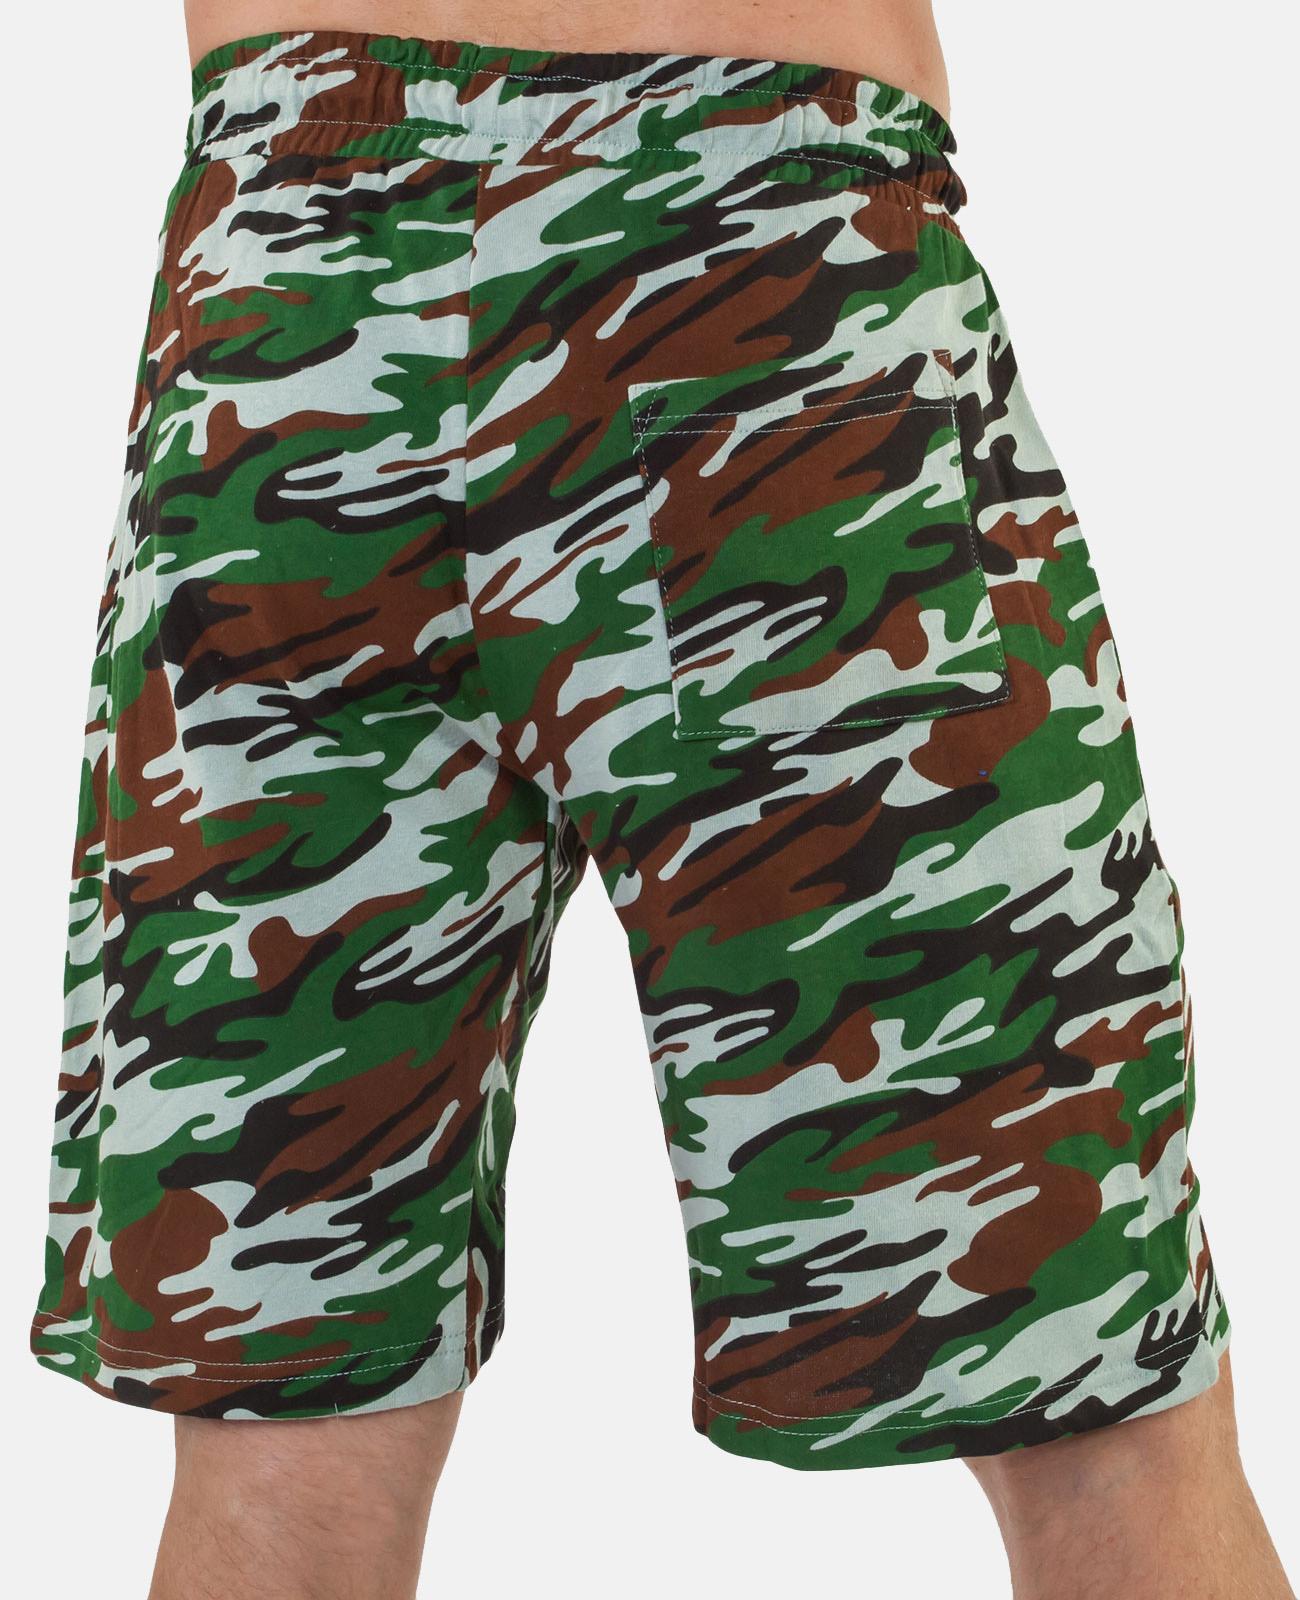 Надежные армейские шорты с нашивкой Росгвардия - заказать онлайн